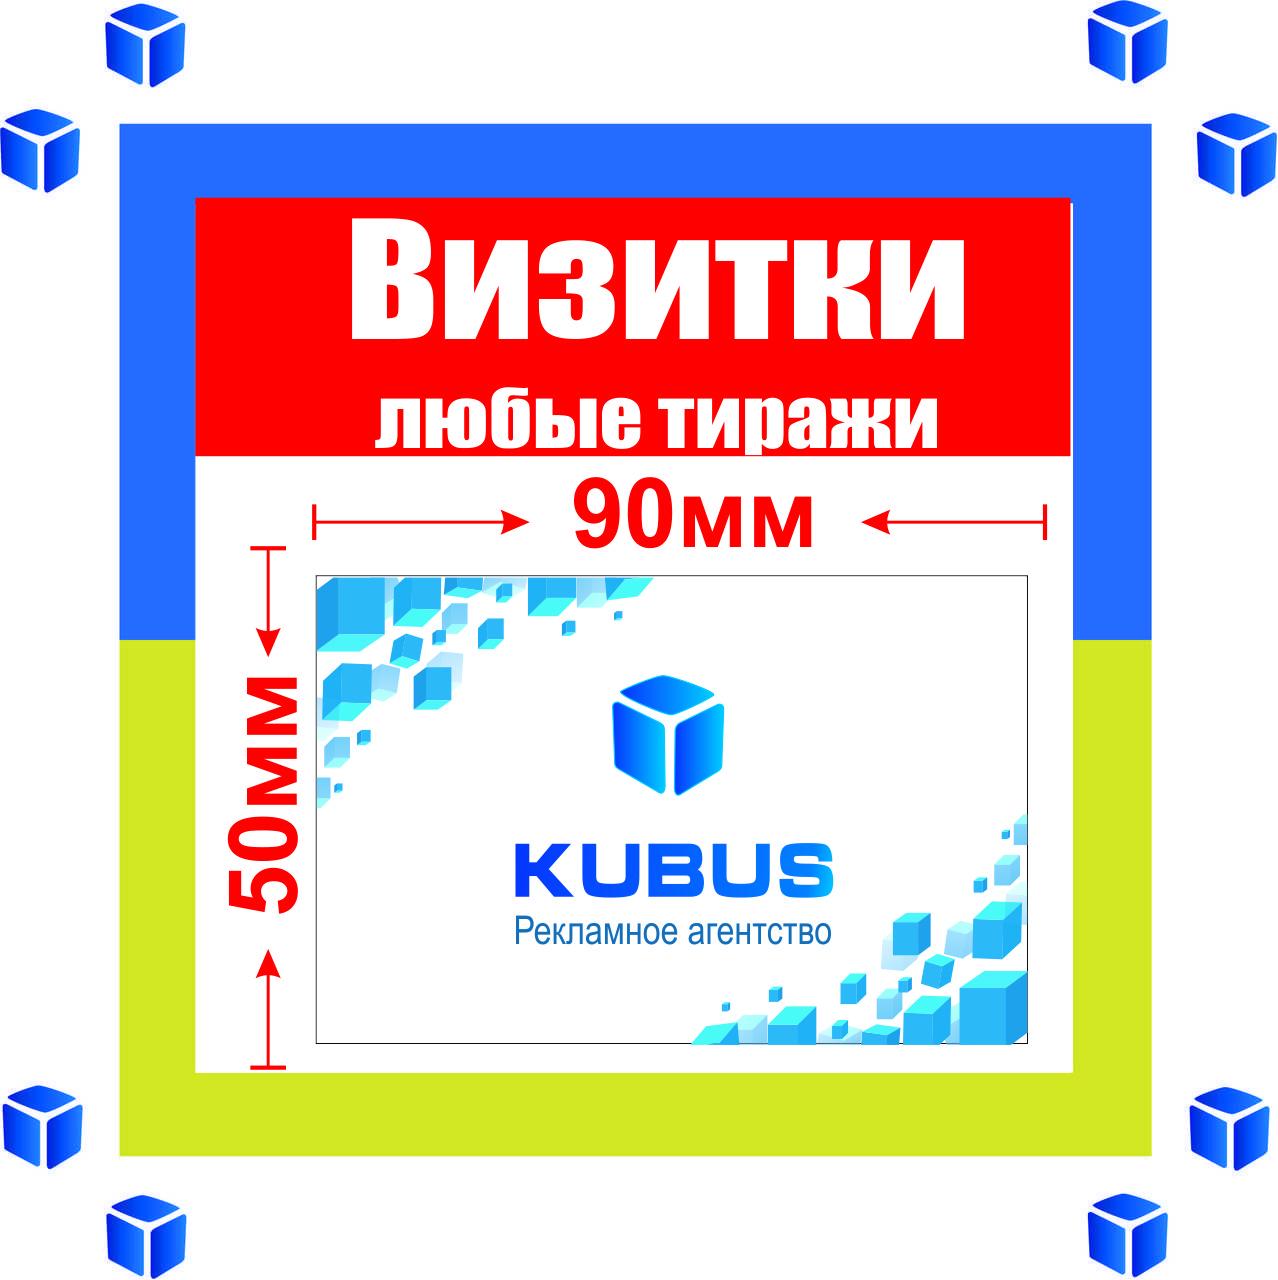 Визитки цветные двухсторонние 1000 шт(любые тиражи/ матовый лак/ 3 дня)